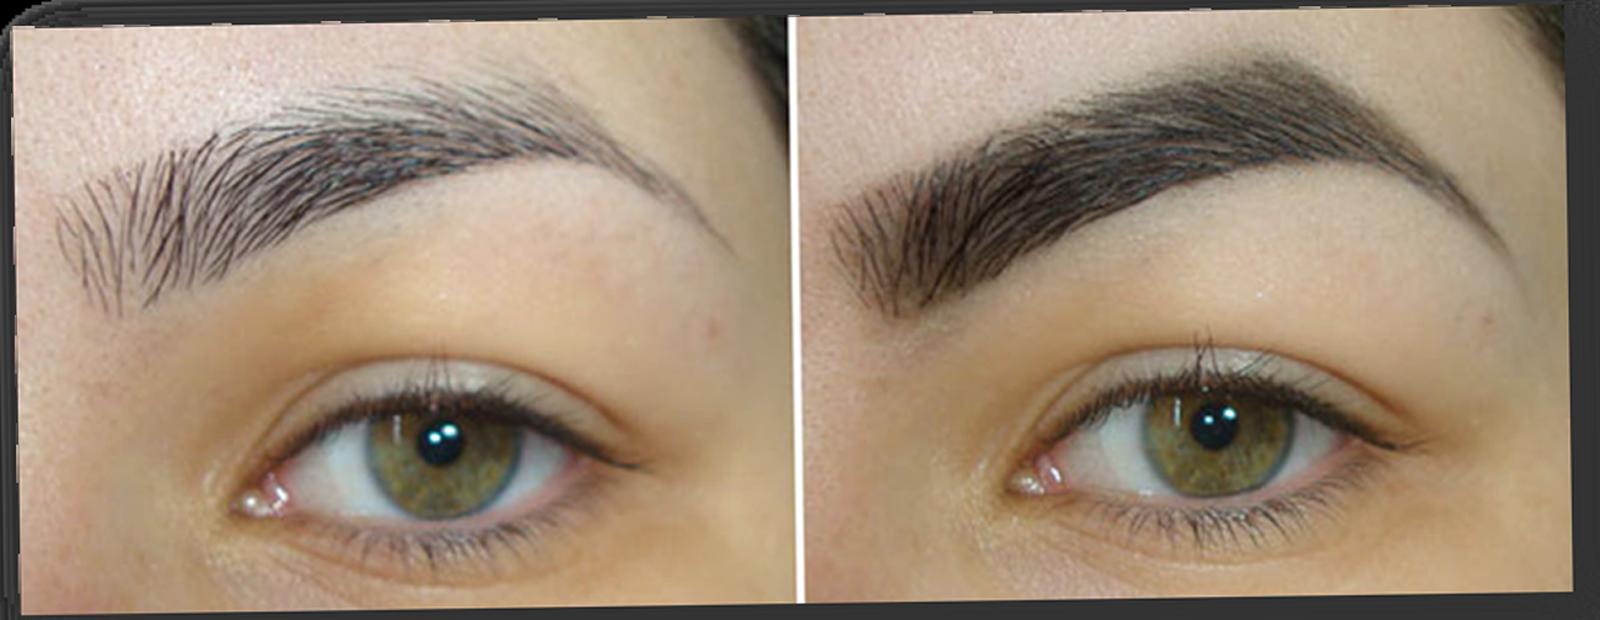 maquiagem para o dia - sobrancelhas